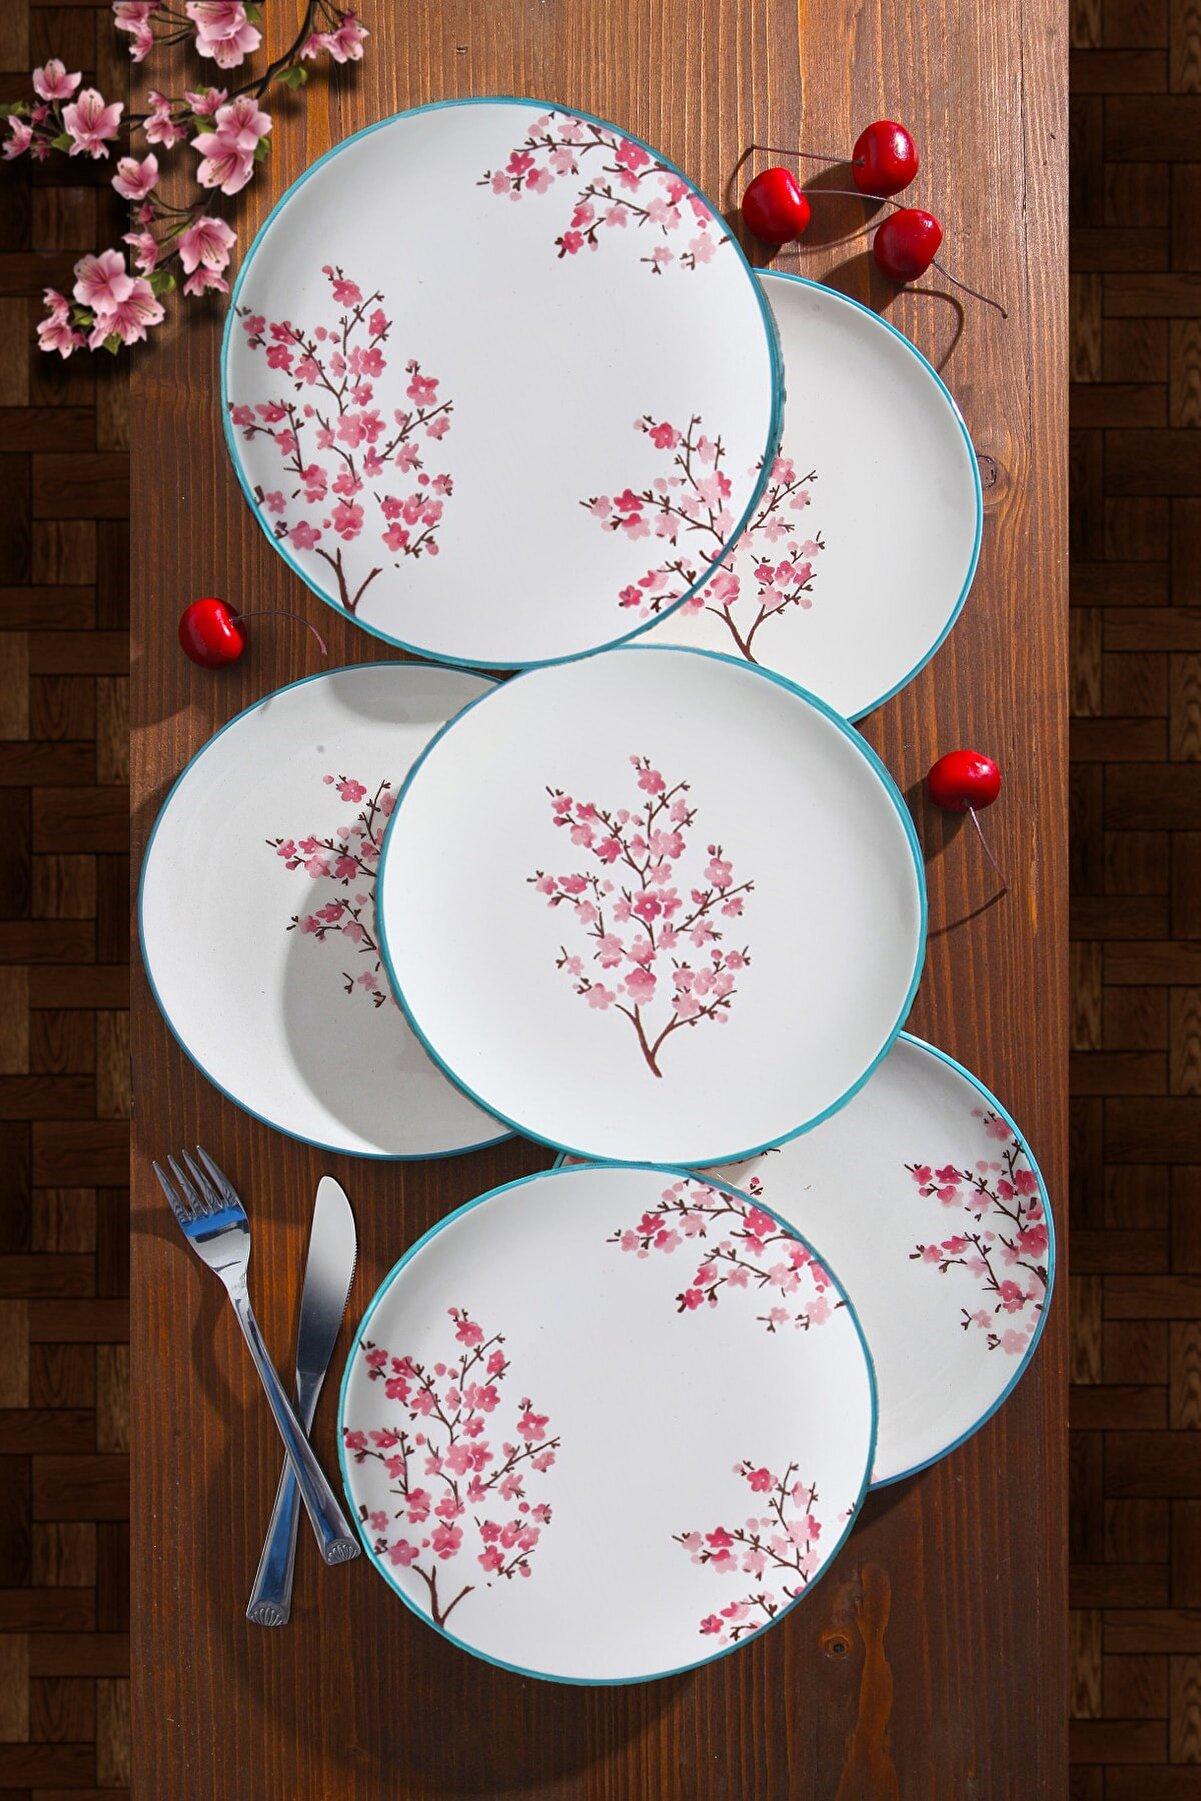 Kitchen Life 6'lı Özel Tasarım Handmade 21 cm Pasta Tabak Seti